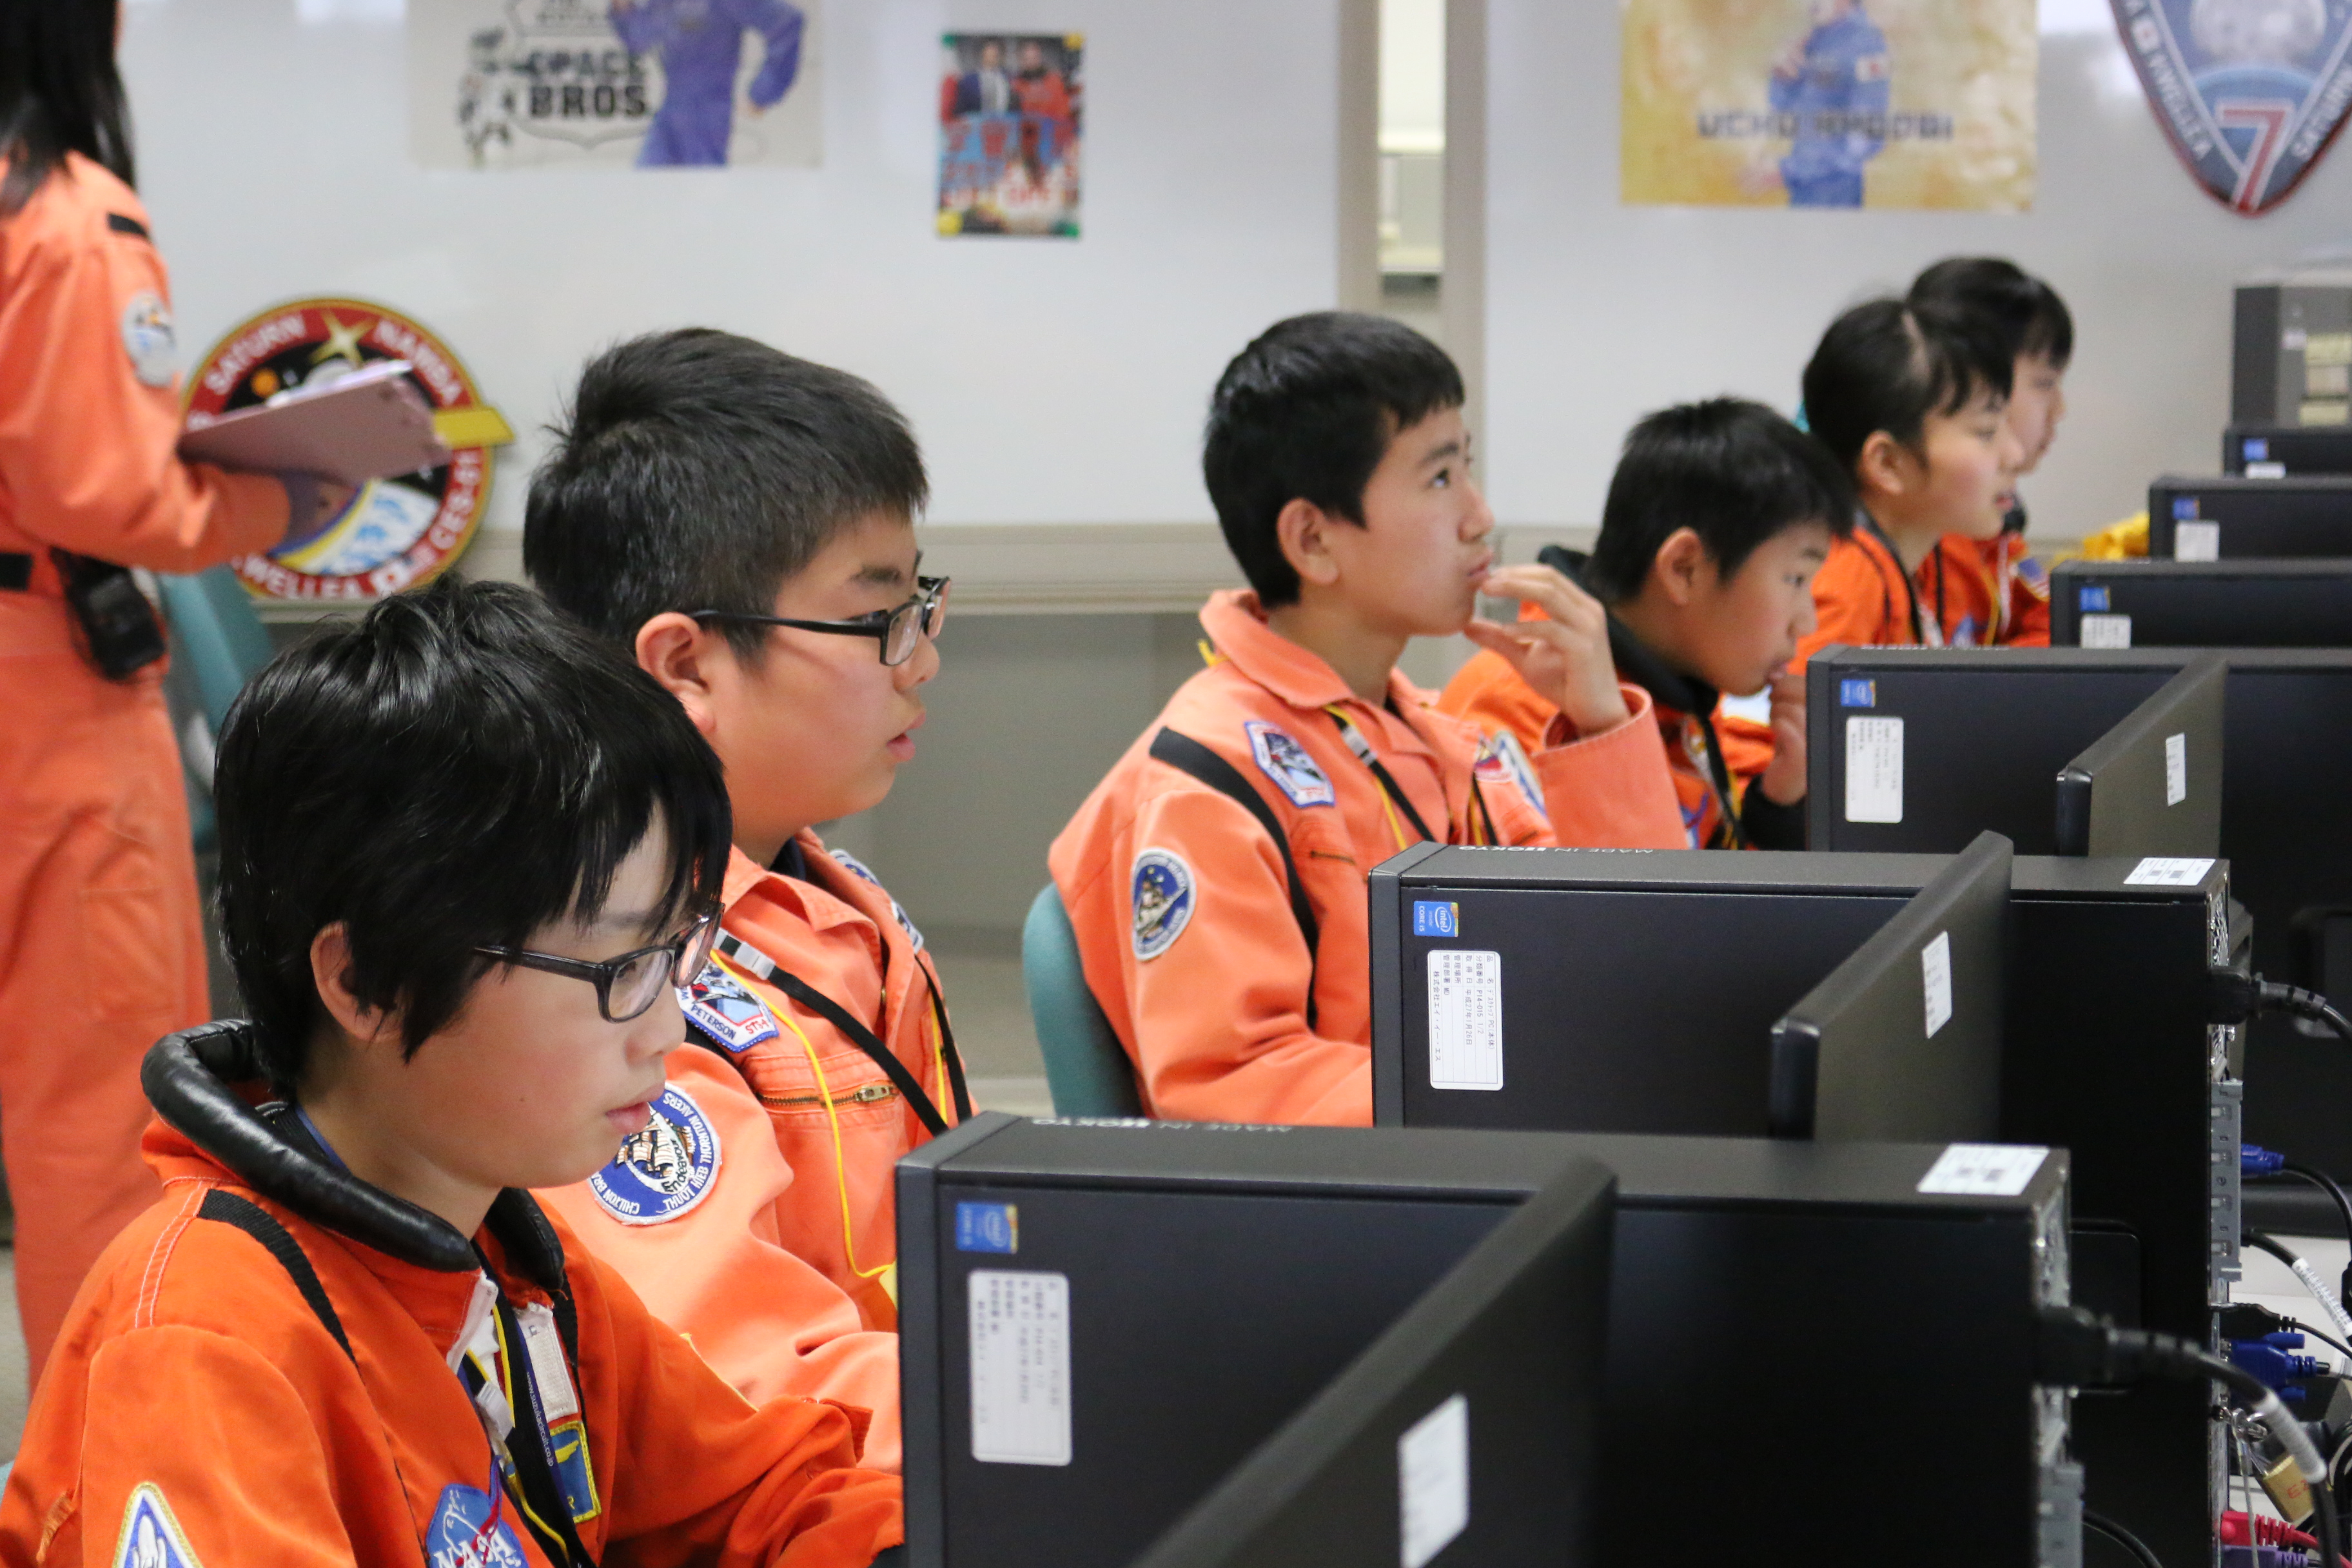 【夏休み 宇宙飛行士模擬訓練!】つくばスペースキャンプ2019 [Aコース8/7~8/9]※コースにより一部内容が異なります